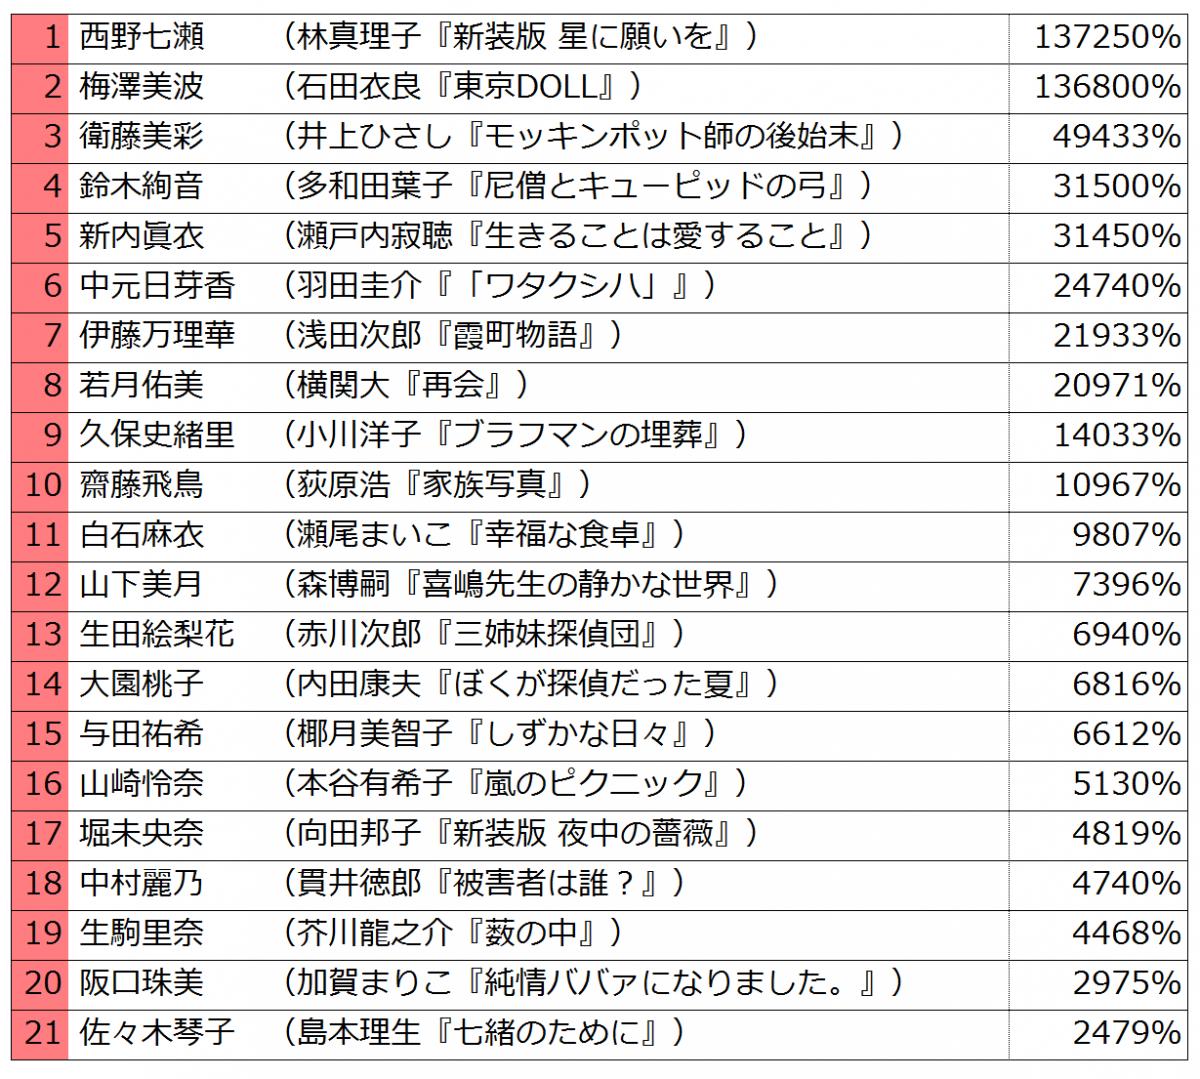 乃木坂46擔任封面的小說作品「乃木坂文庫」7月上架 大熱銷將更勝2017年?